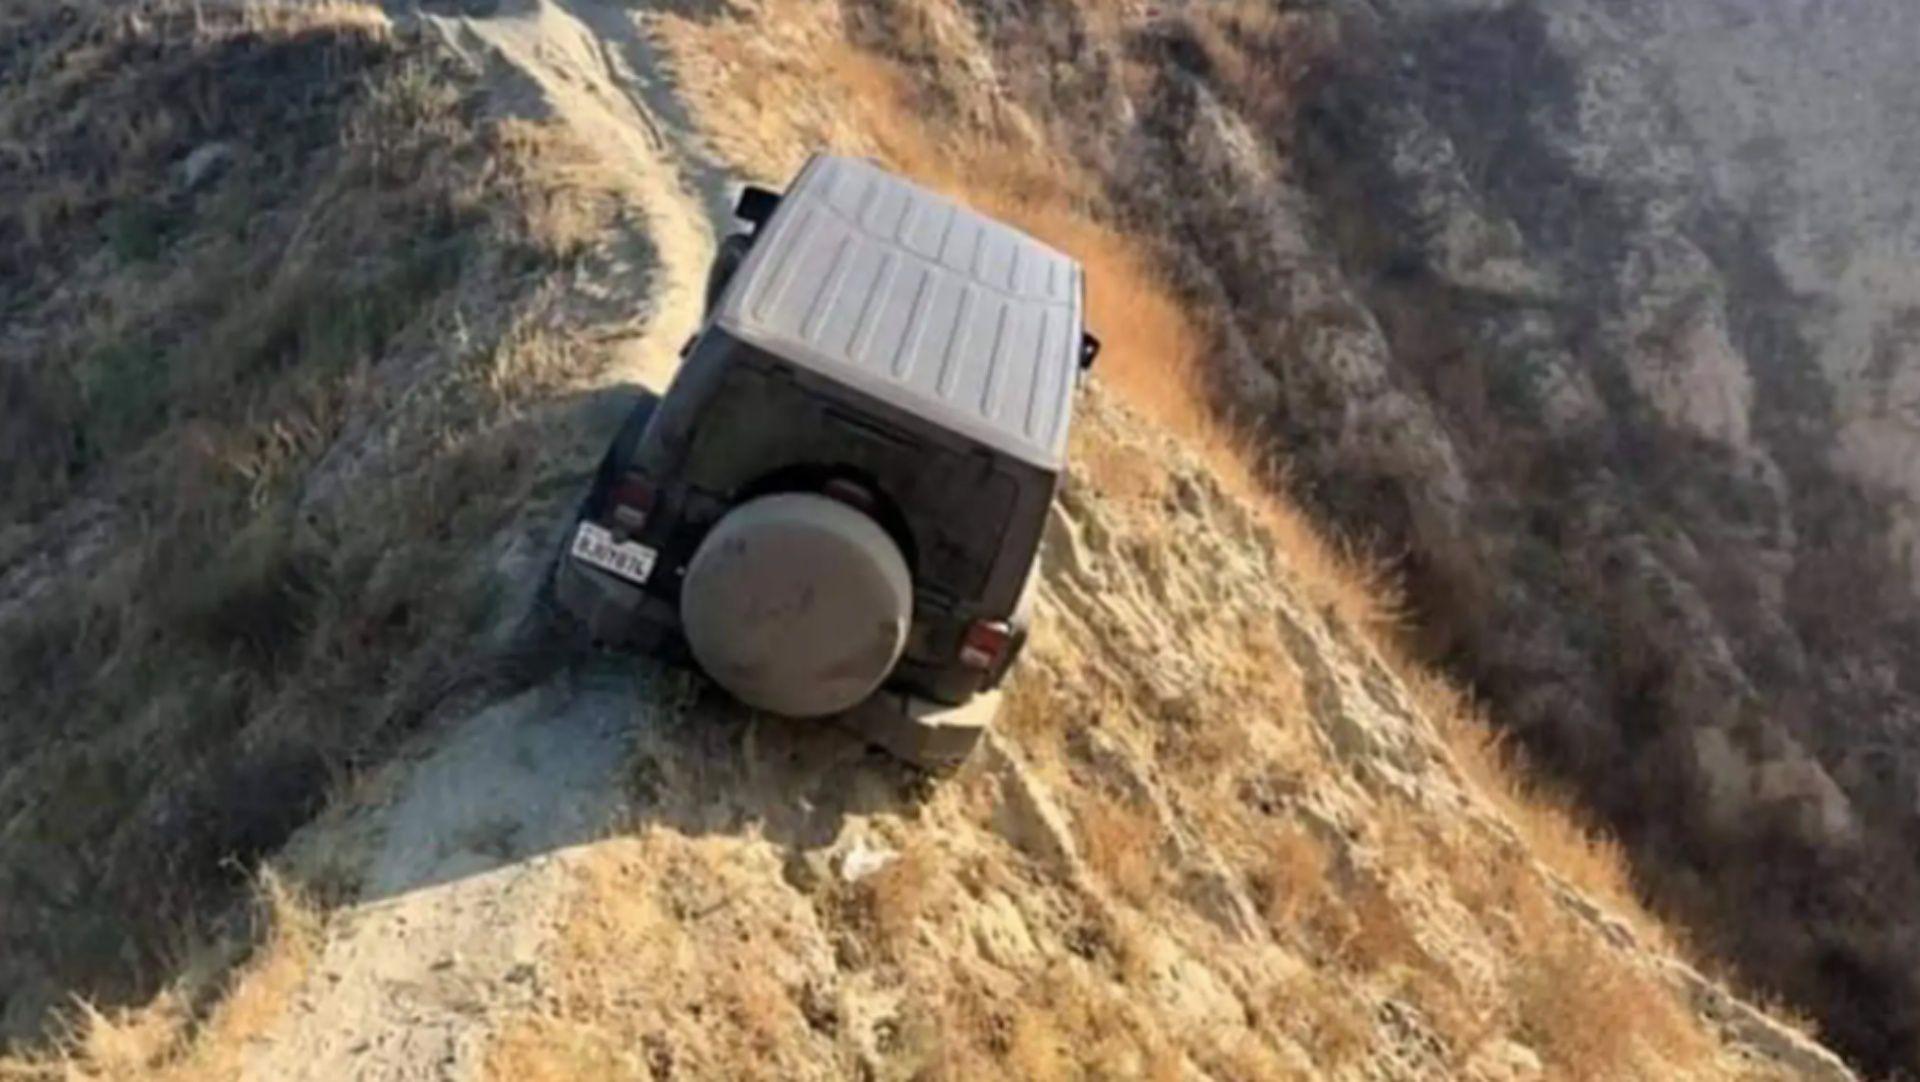 Un Jeep Wrangler a rămas blocat în munți, Ford s-a oferit să-l salveze (VIDEO)